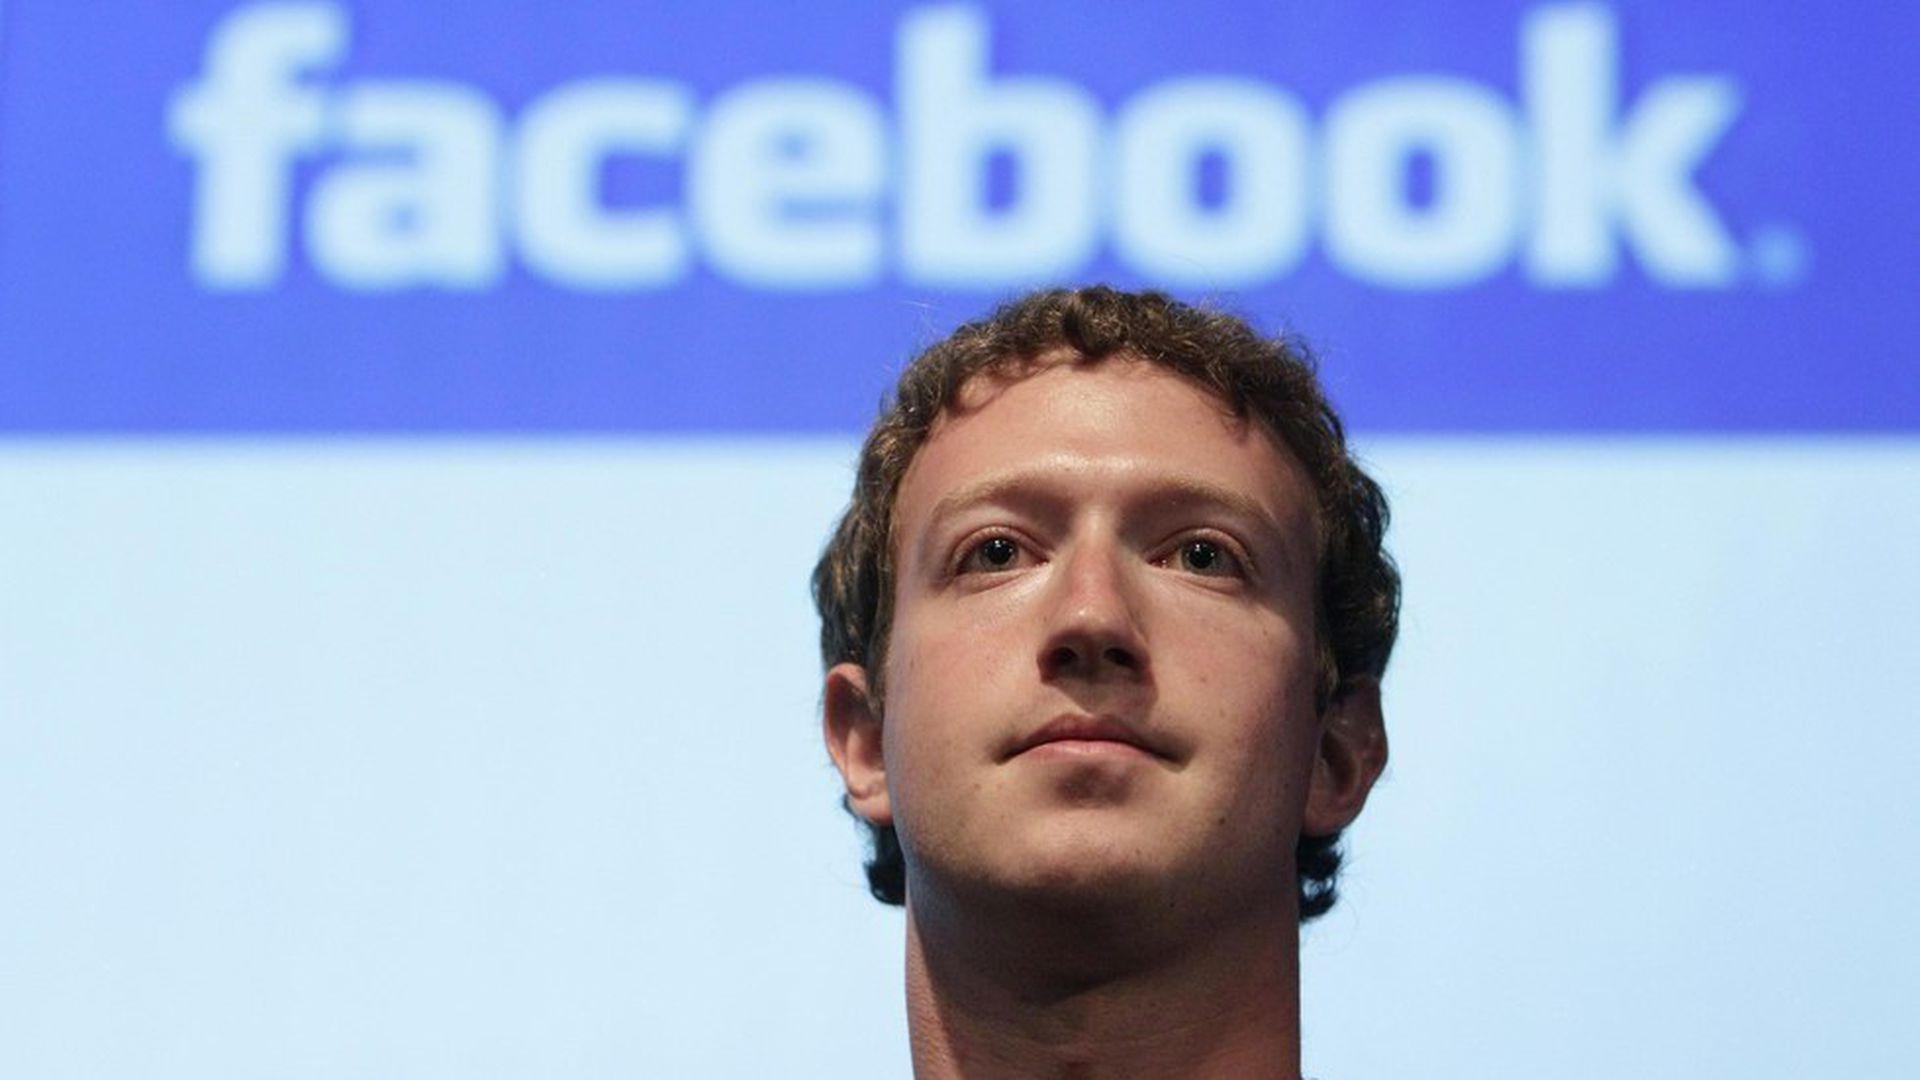 Из-за взломов социальной сети Facebook Марка Цукерберга хотят лишить поста главы